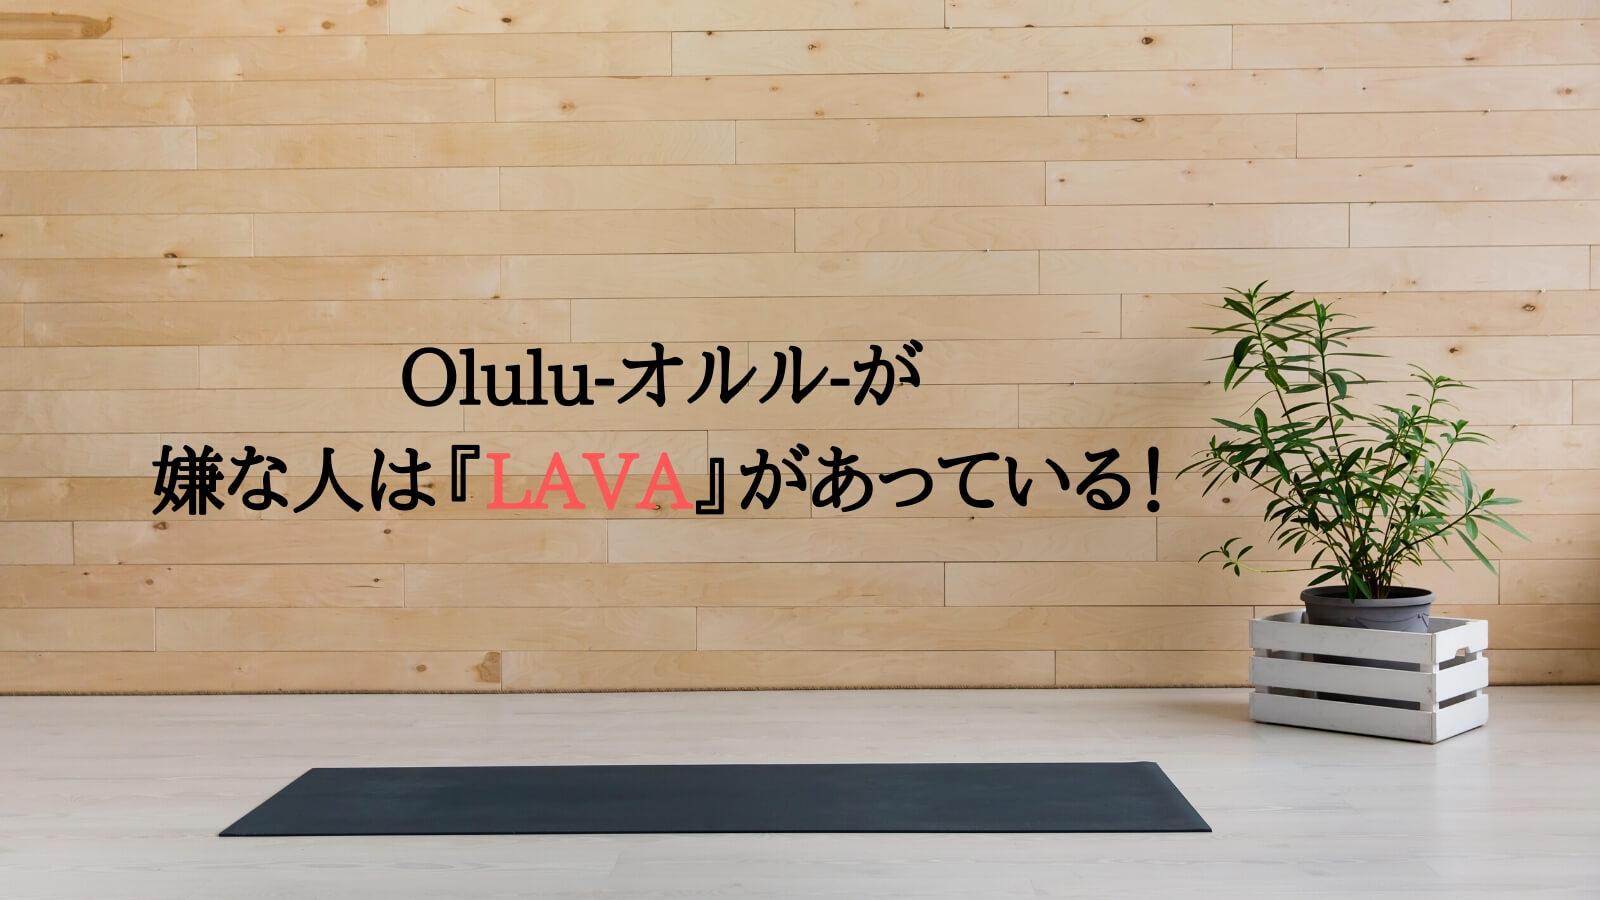 Olulu-オルル-がおすすめなではない人はLAVAがあっている!